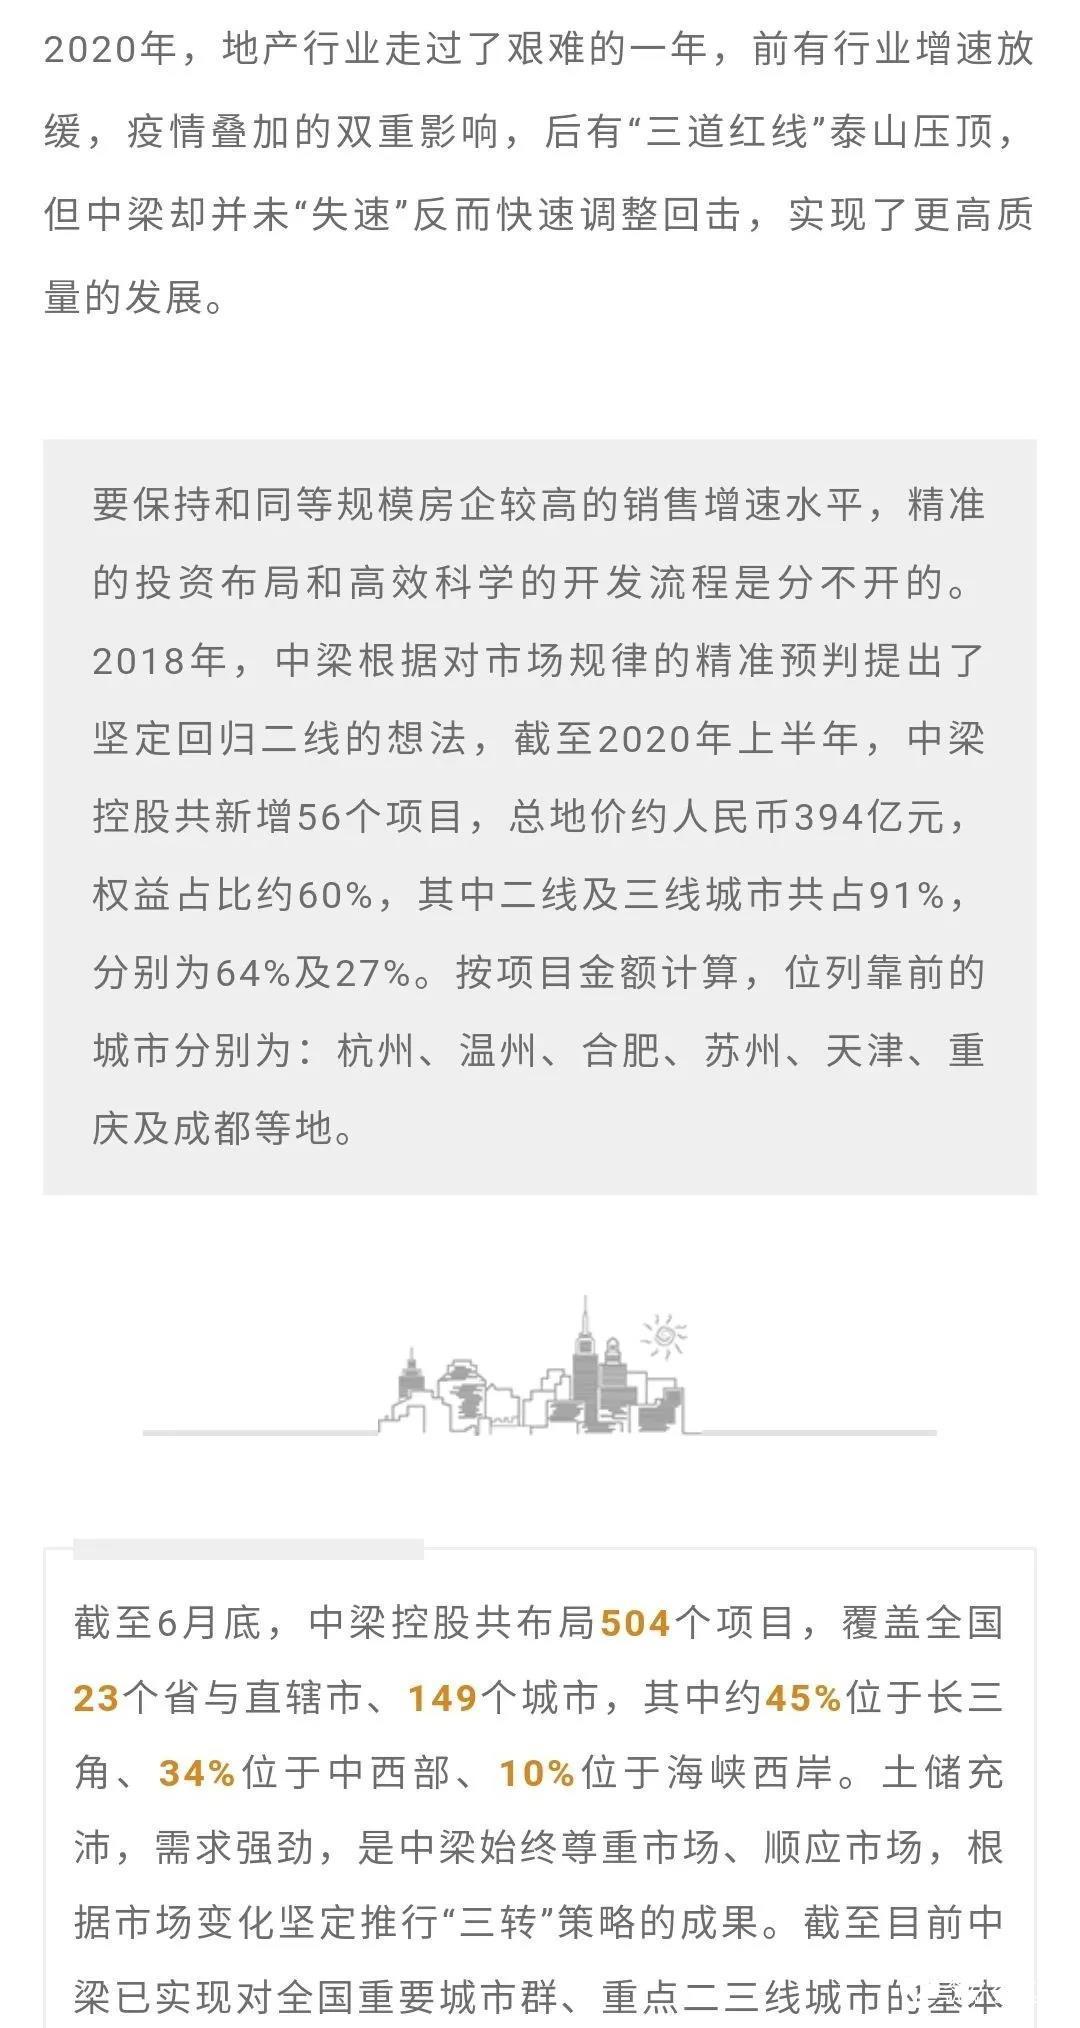 奔向2021   中梁控股业绩稳居行业20强